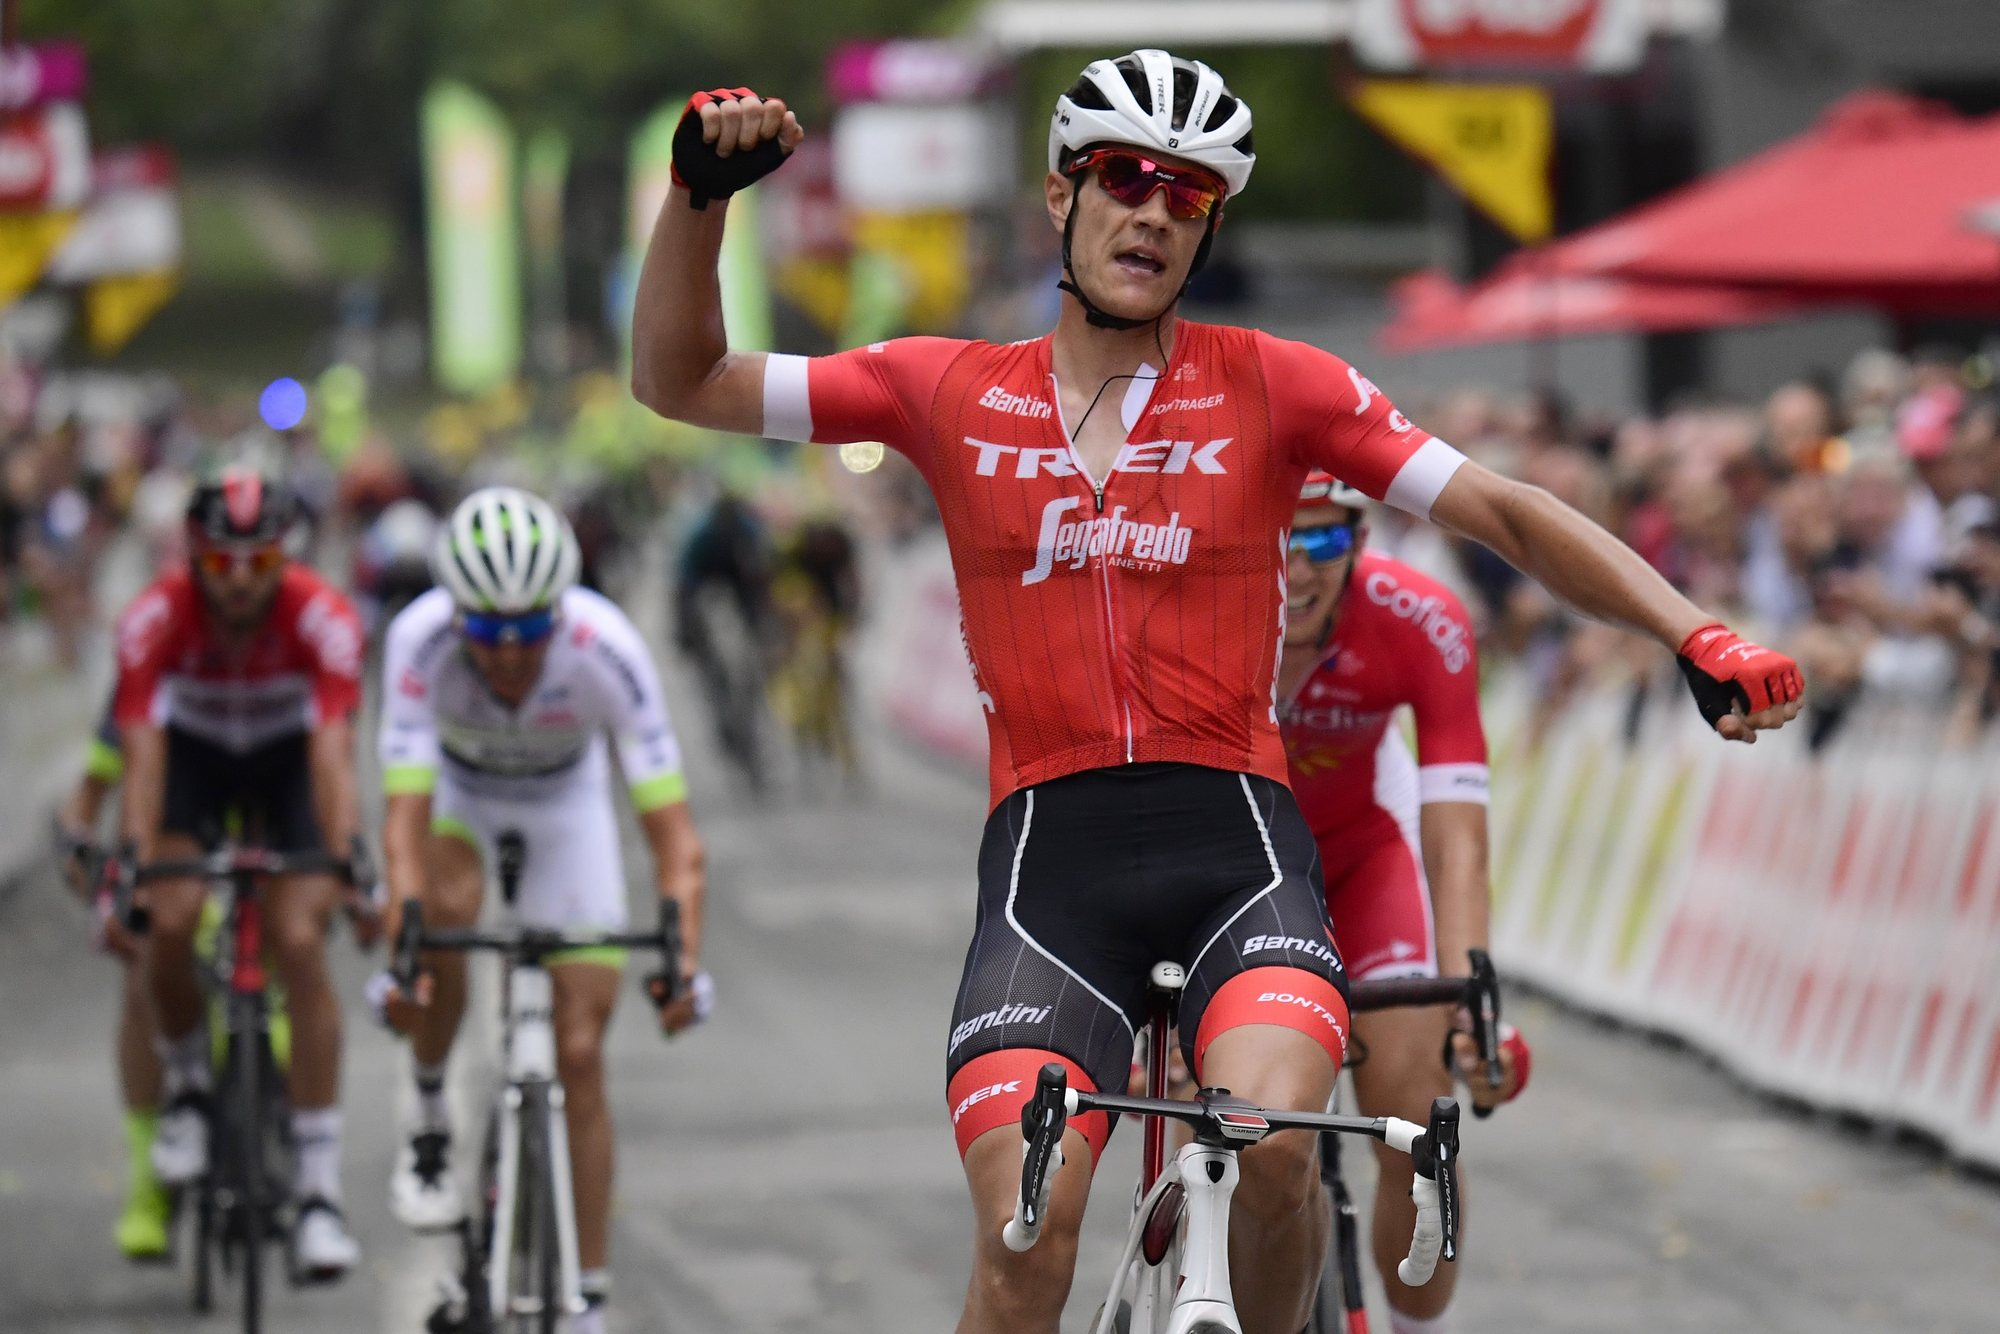 Jasper Stuyven vince il Grand Prix de Wallonie 2018